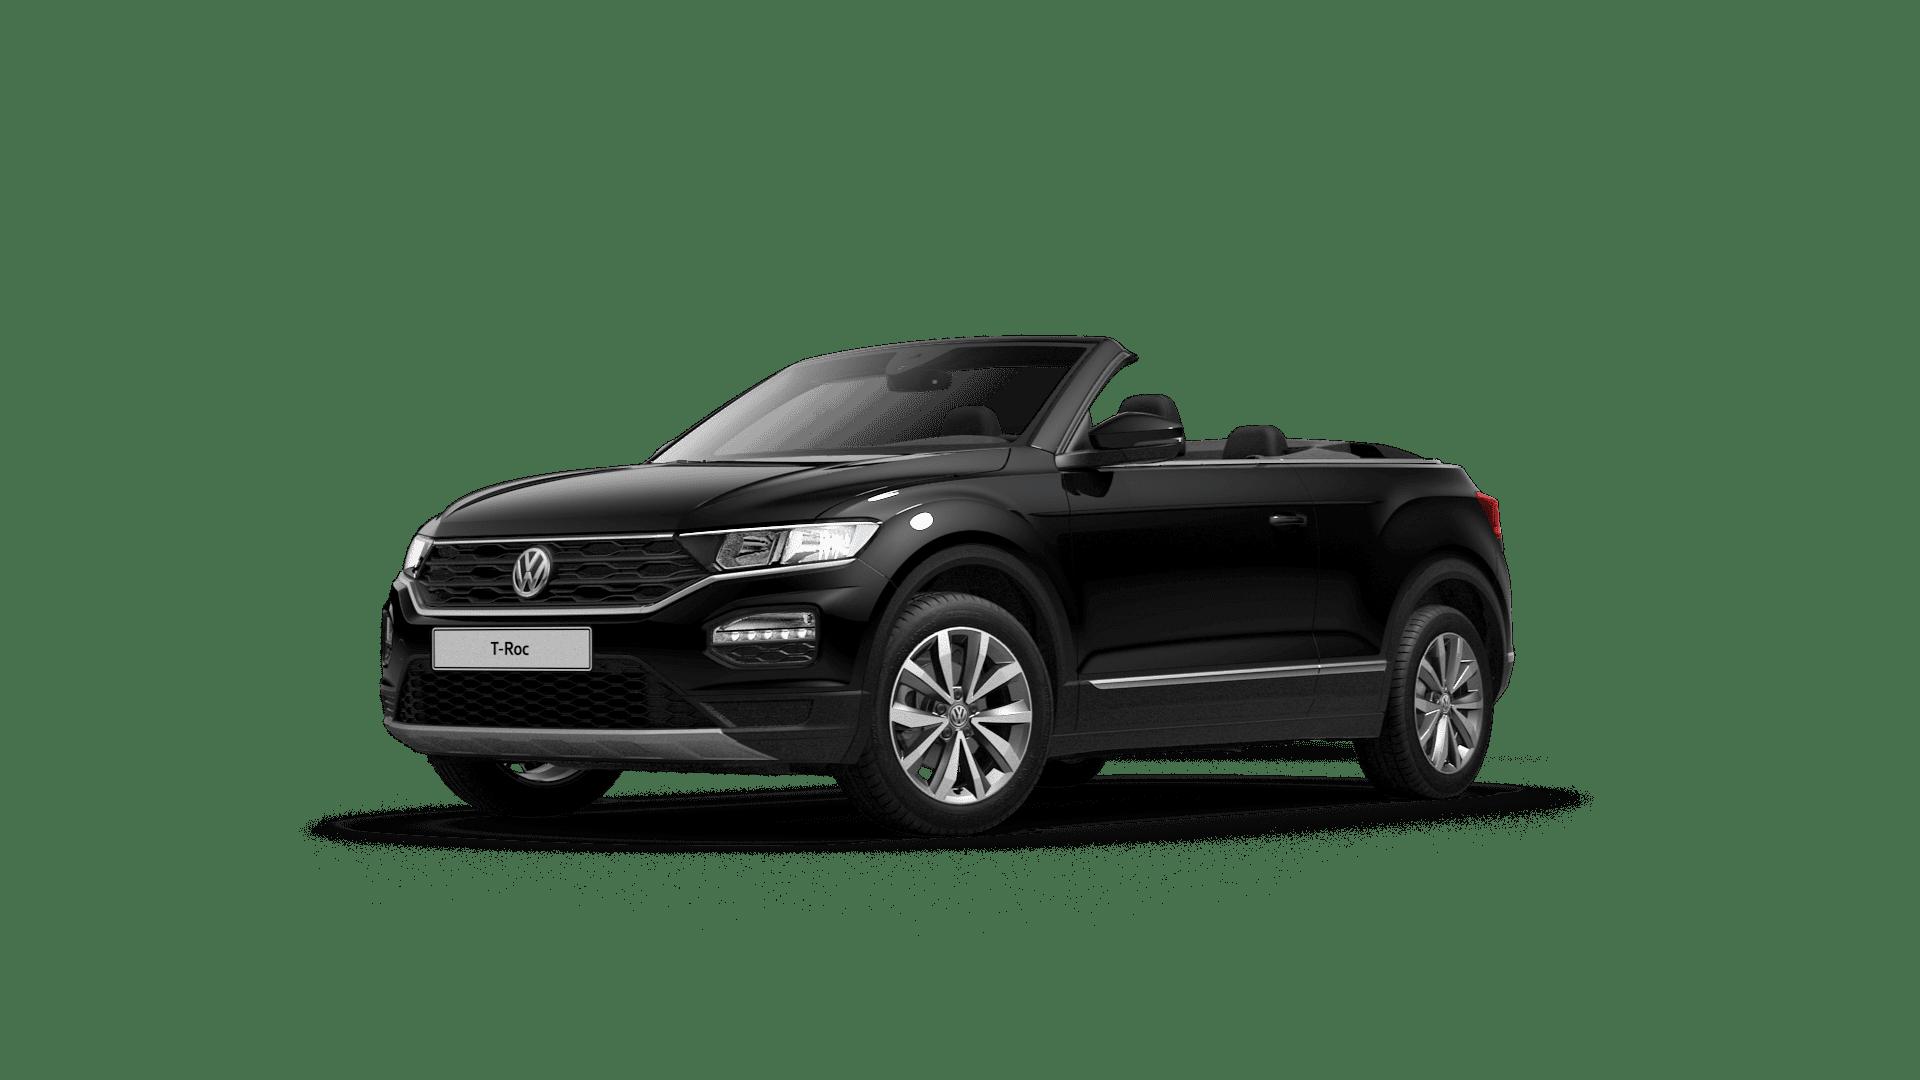 VW T-Roc Cabriolet R-Line 1.5 TSI DSG, 150 PS, Benziner, Automatik